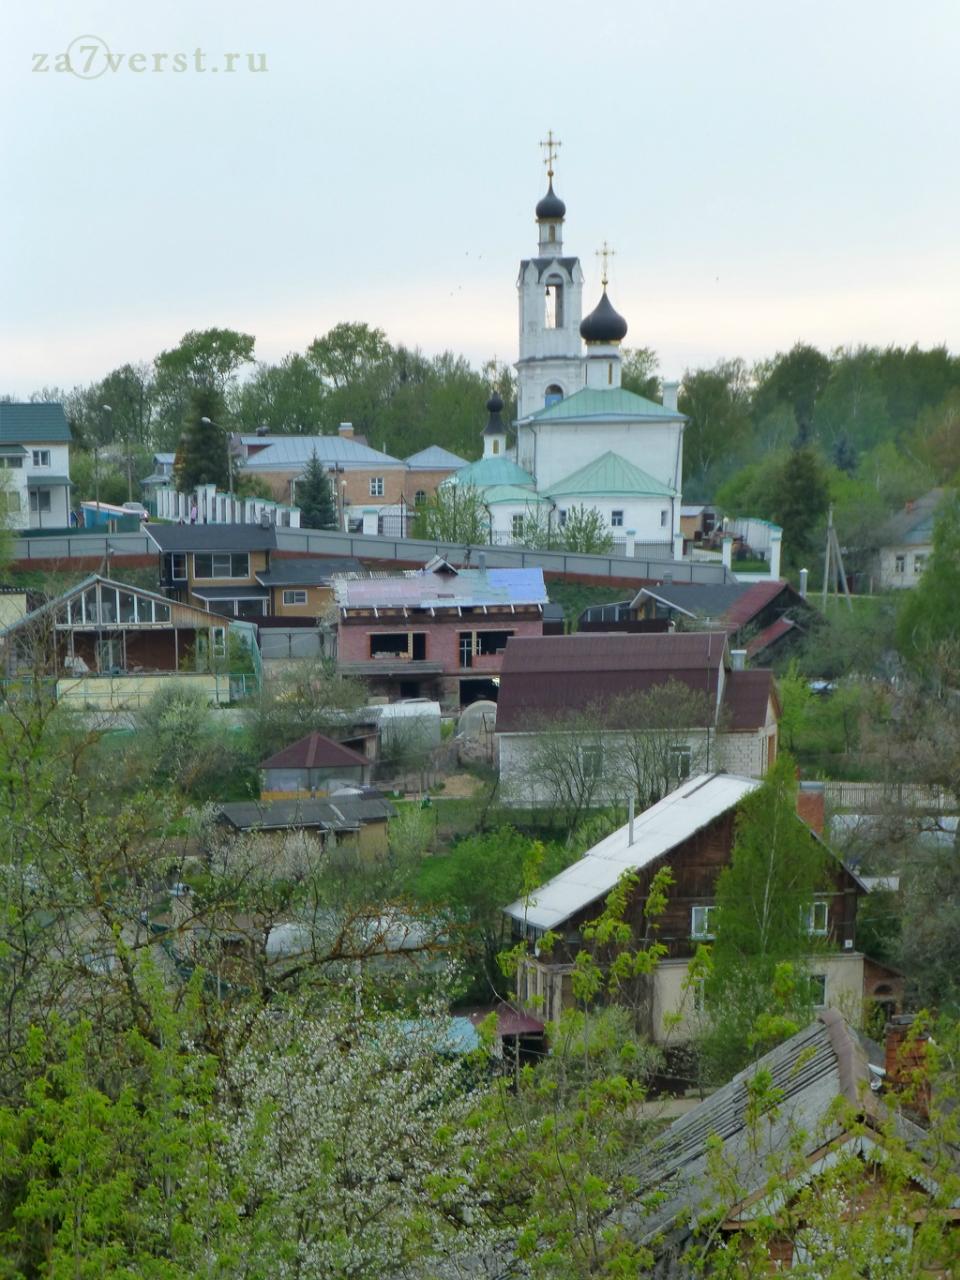 Волоколамск, Россия